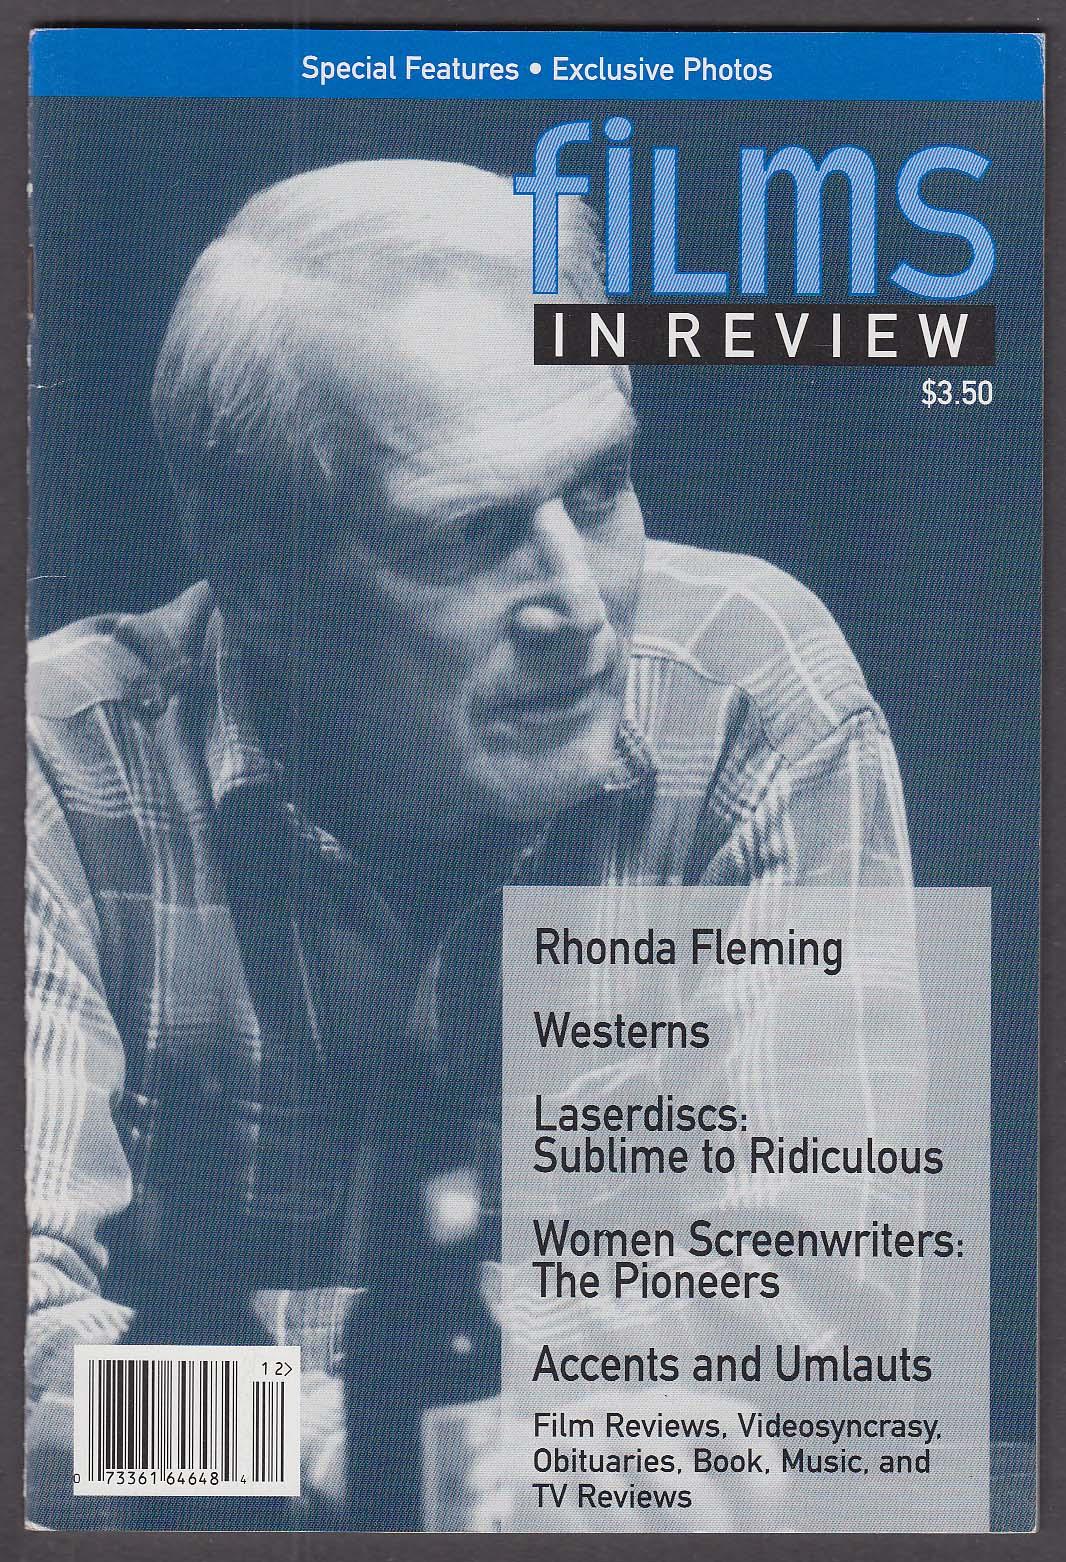 Image for FILMS IN REVIEW Paul Newman Rhonda Fleming 11-12 1994